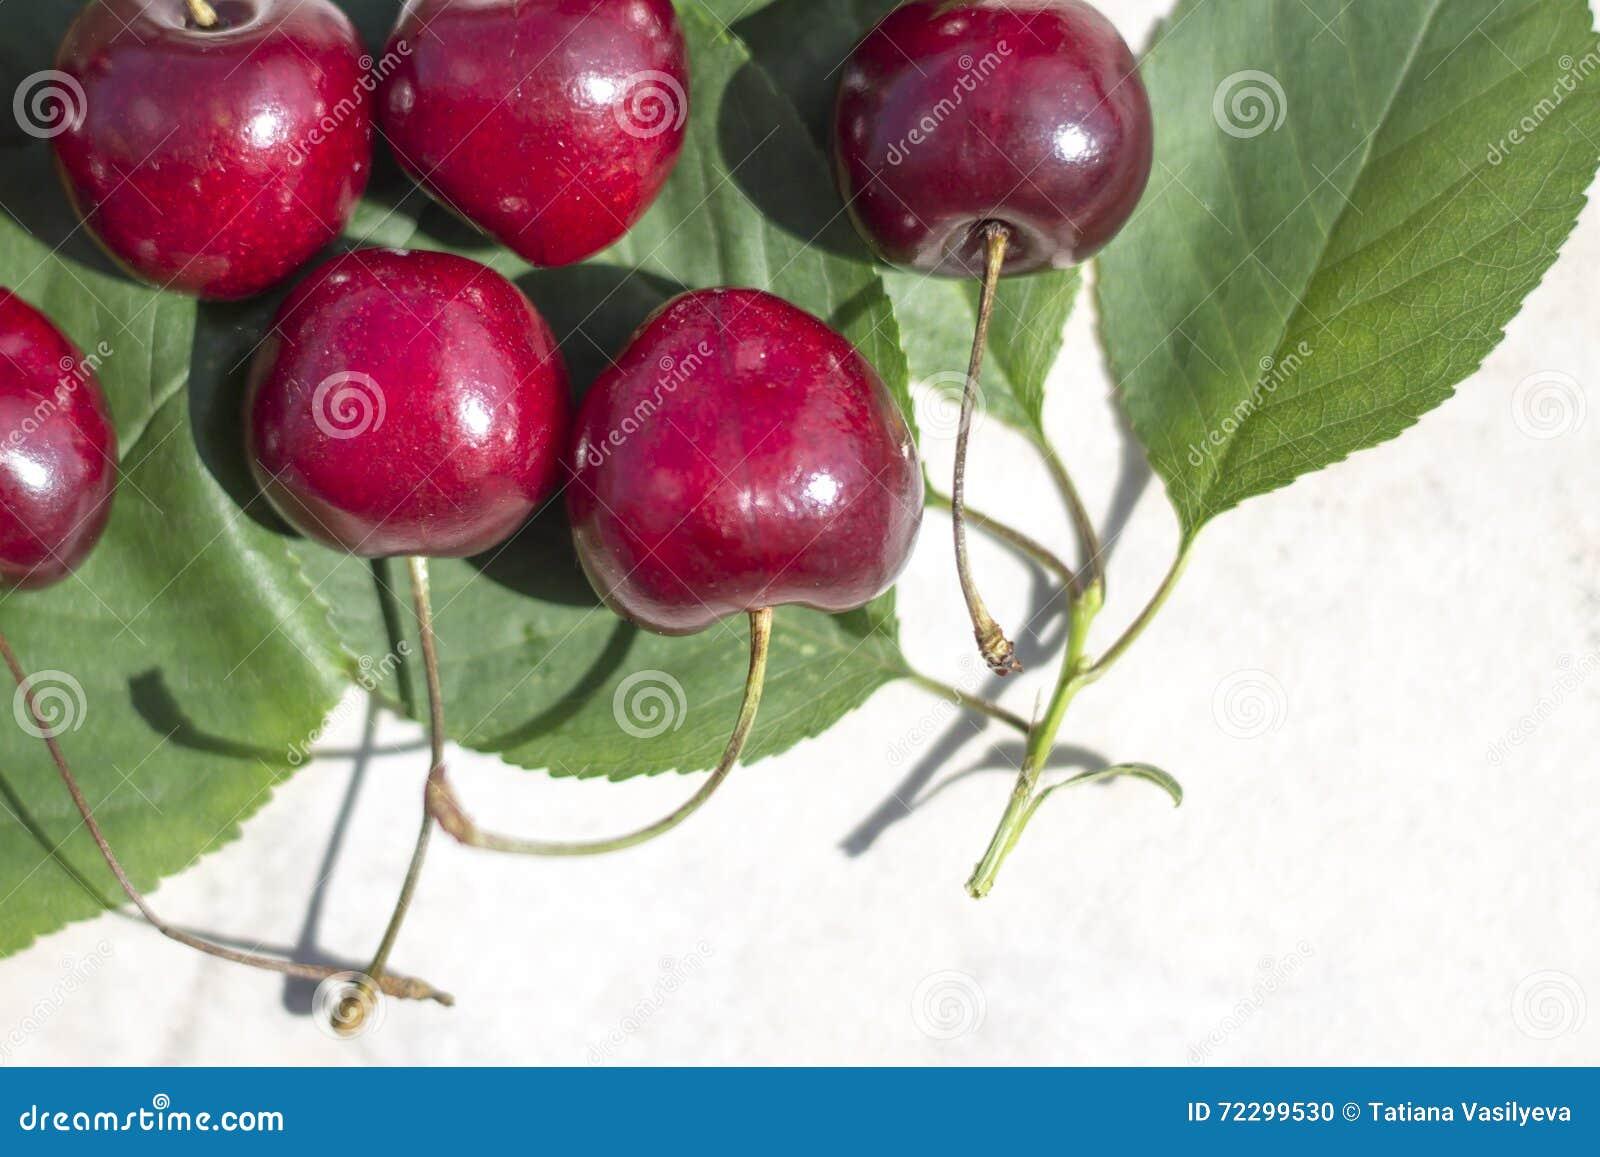 Download Рамка с зрелыми вишнями и листьями зеленого цвета Стоковое Фото - изображение насчитывающей группа, ягод: 72299530